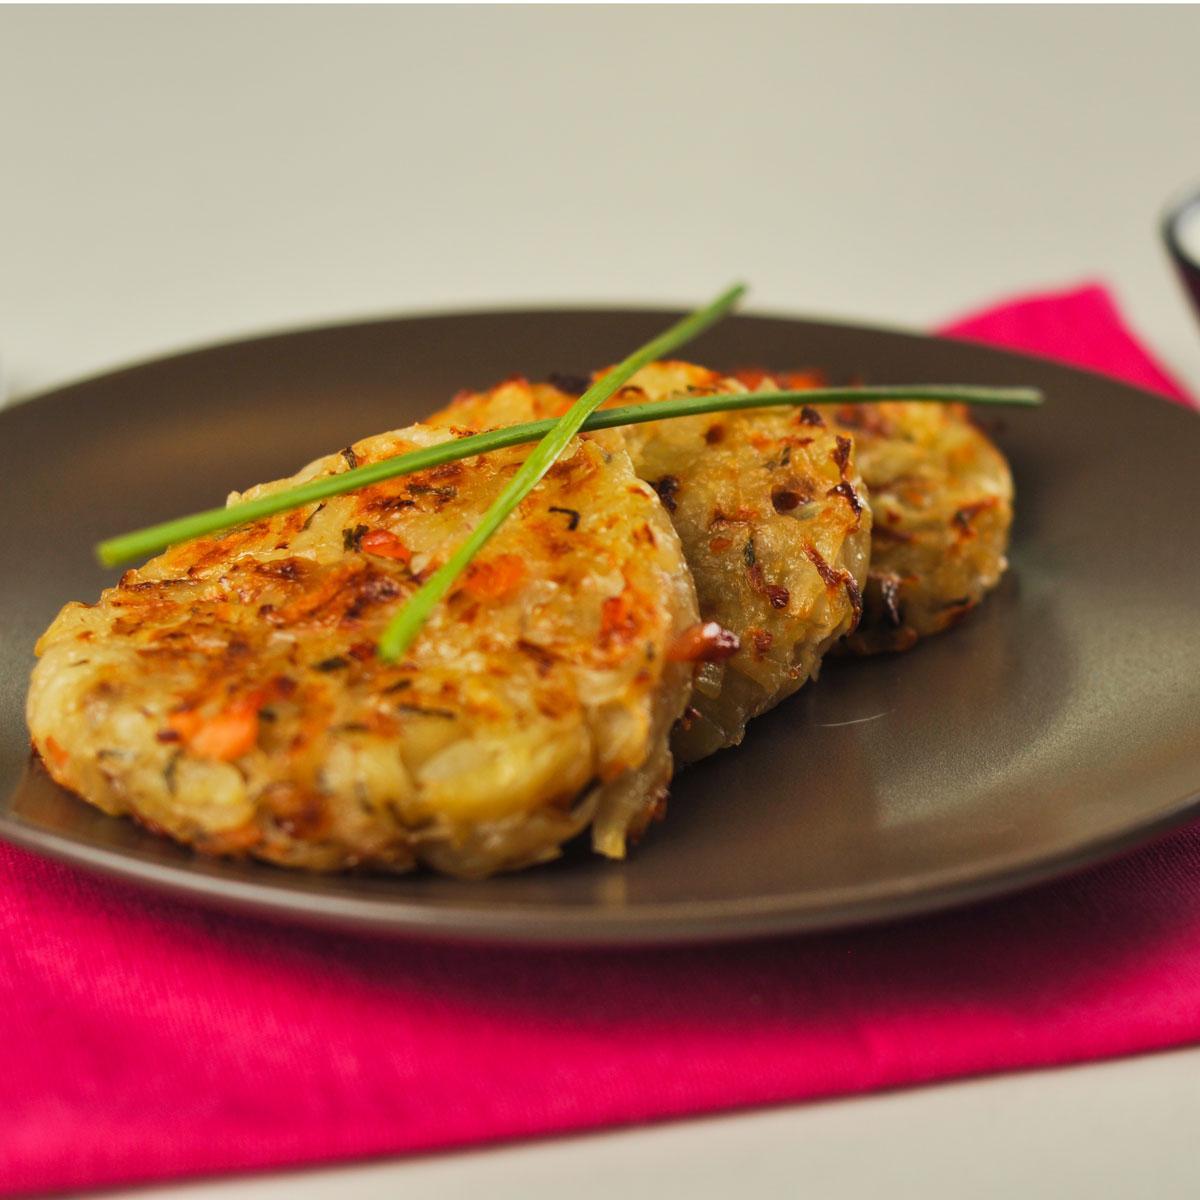 recette galettes de pomme de terre au saumon fum cuisine madame figaro. Black Bedroom Furniture Sets. Home Design Ideas